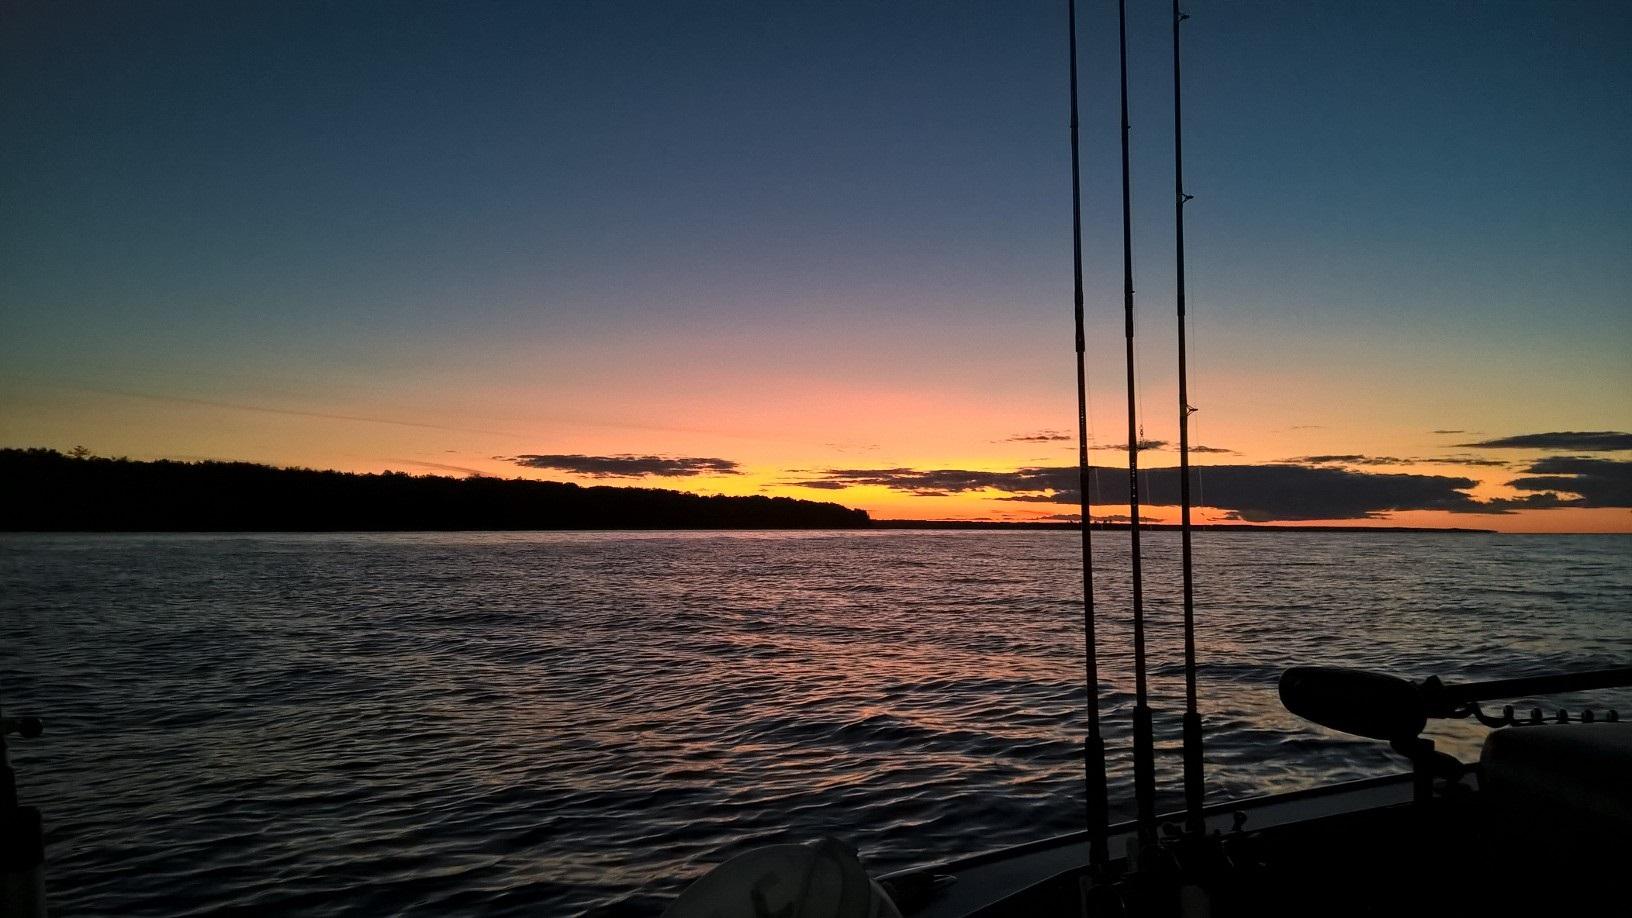 Sun rise or Sun set never the same.